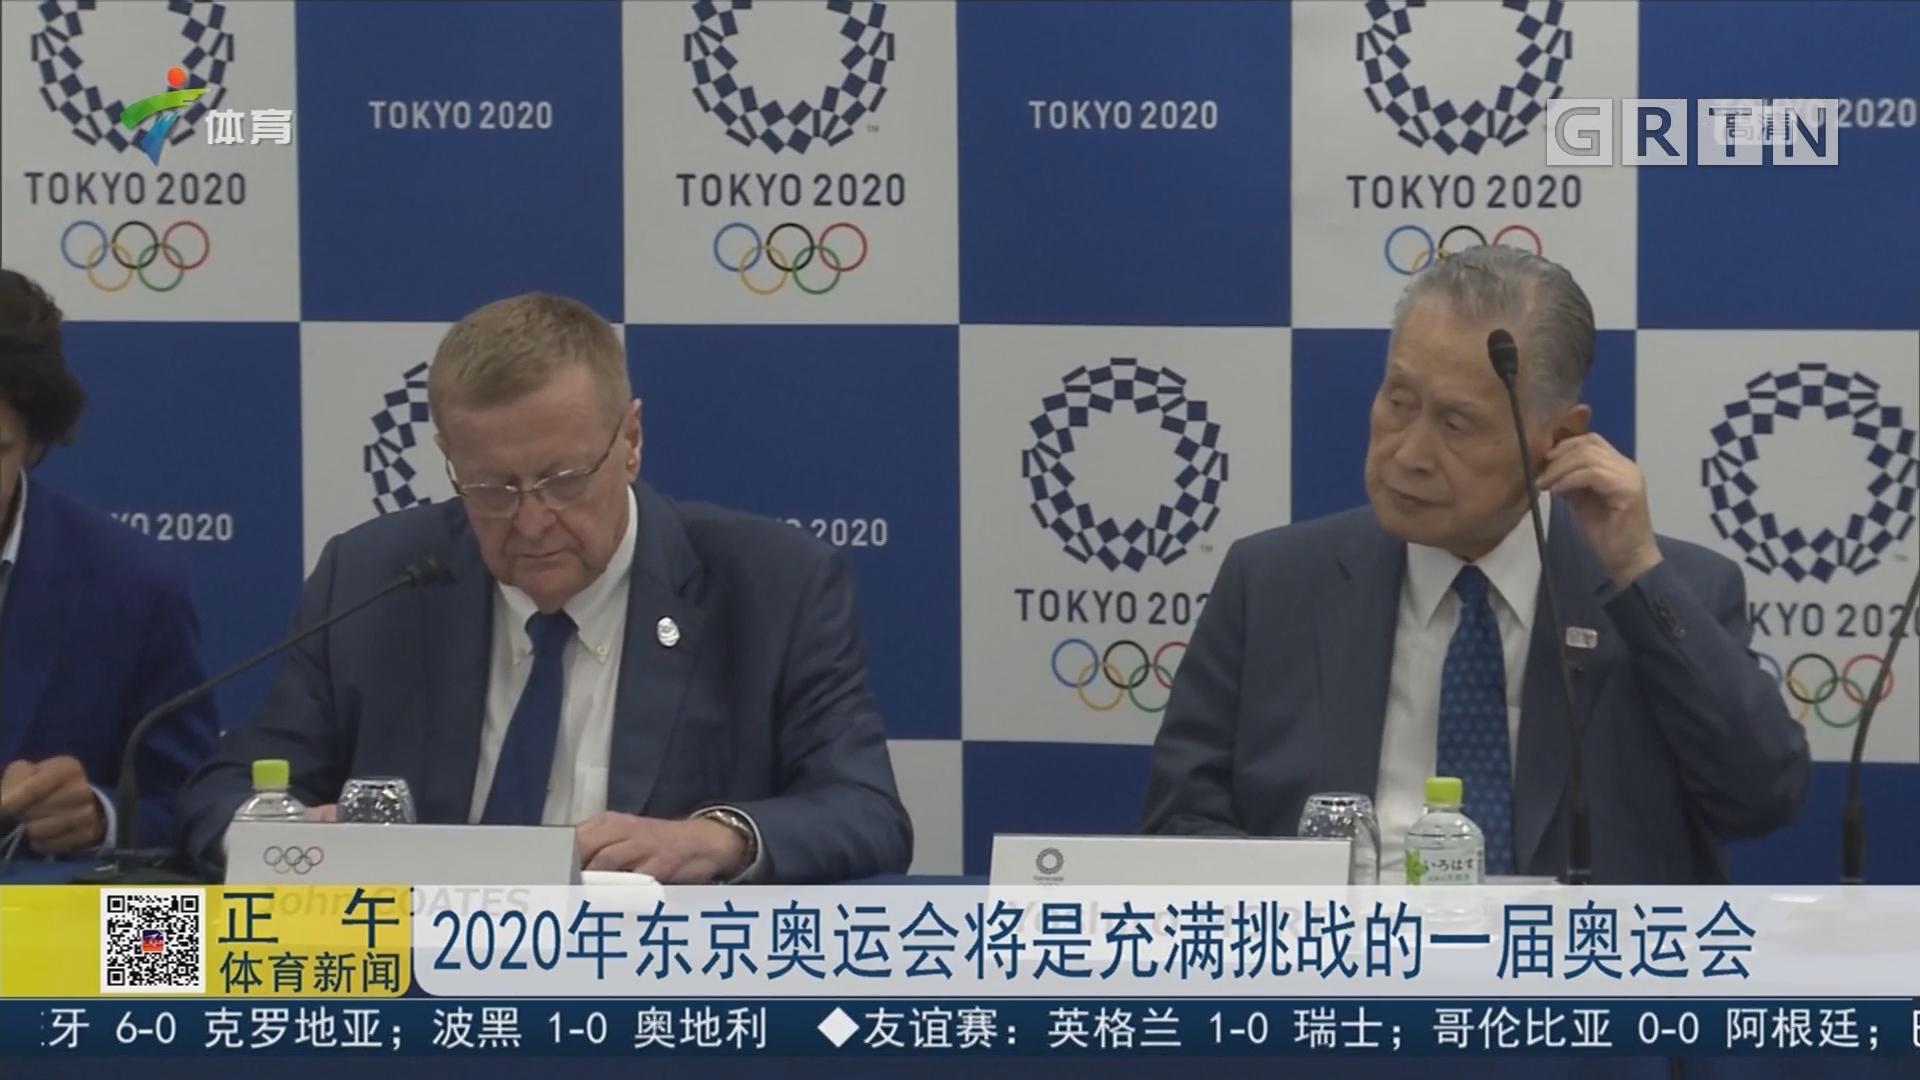 2020年东京奥运会将是充满挑战的一届奥运会